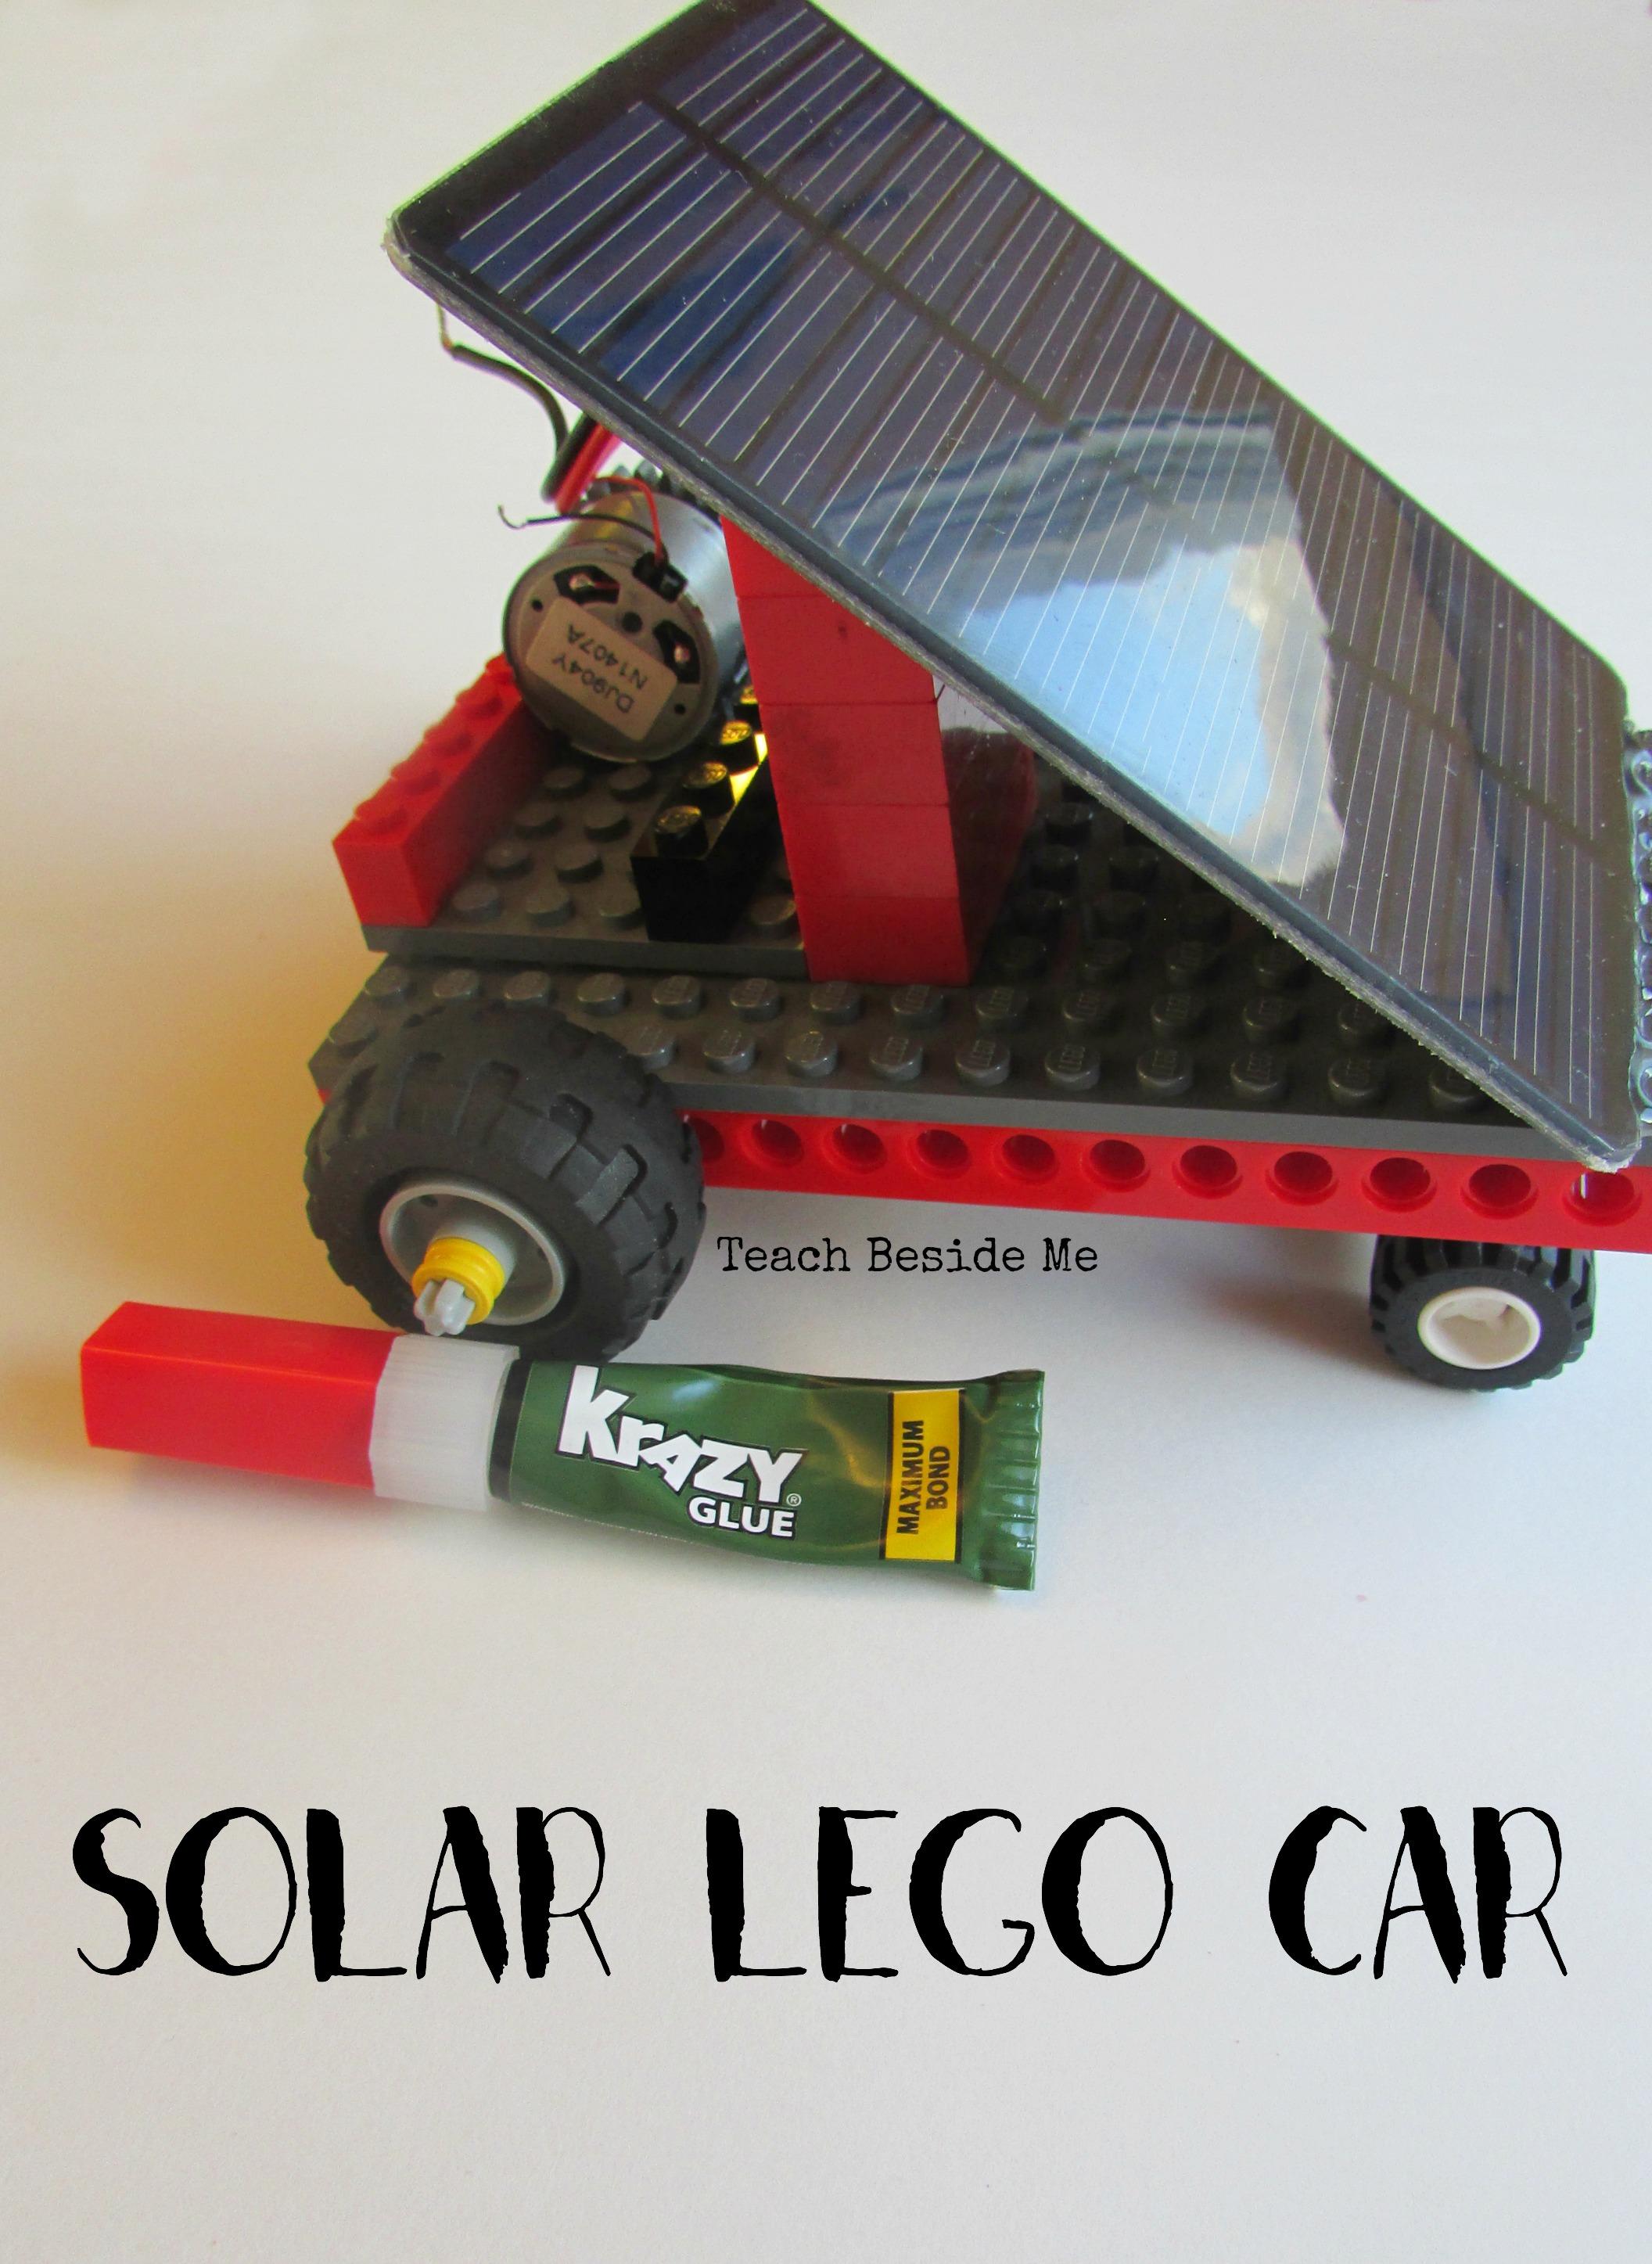 Solar Powered Lego Car Teach Beside Me